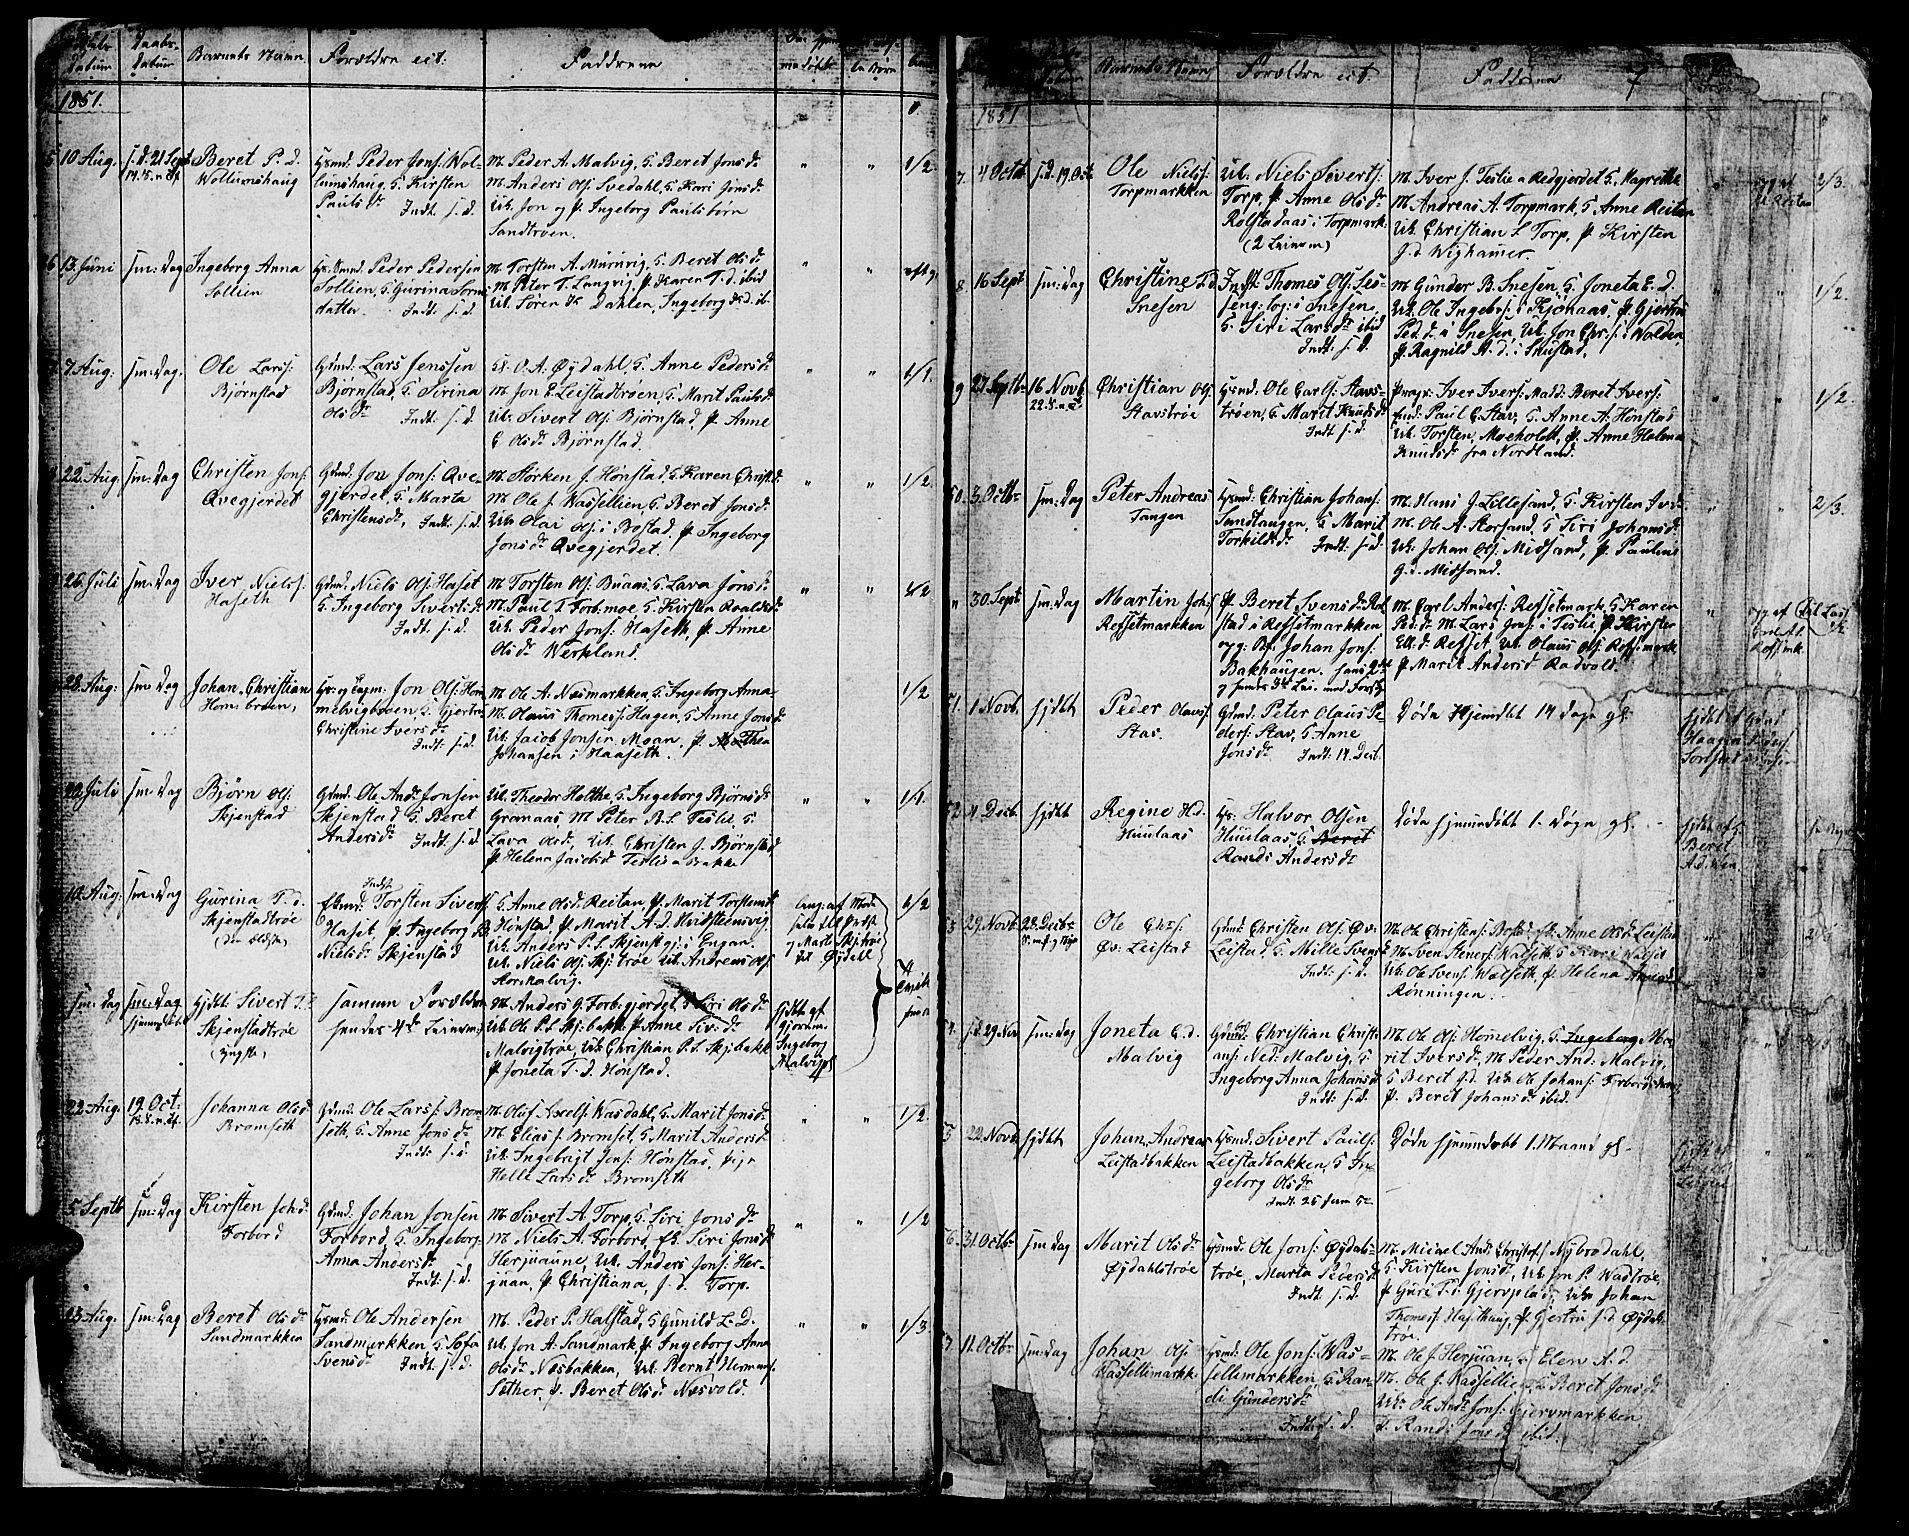 SAT, Ministerialprotokoller, klokkerbøker og fødselsregistre - Sør-Trøndelag, 616/L0422: Klokkerbok nr. 616C05, 1850-1888, s. 5